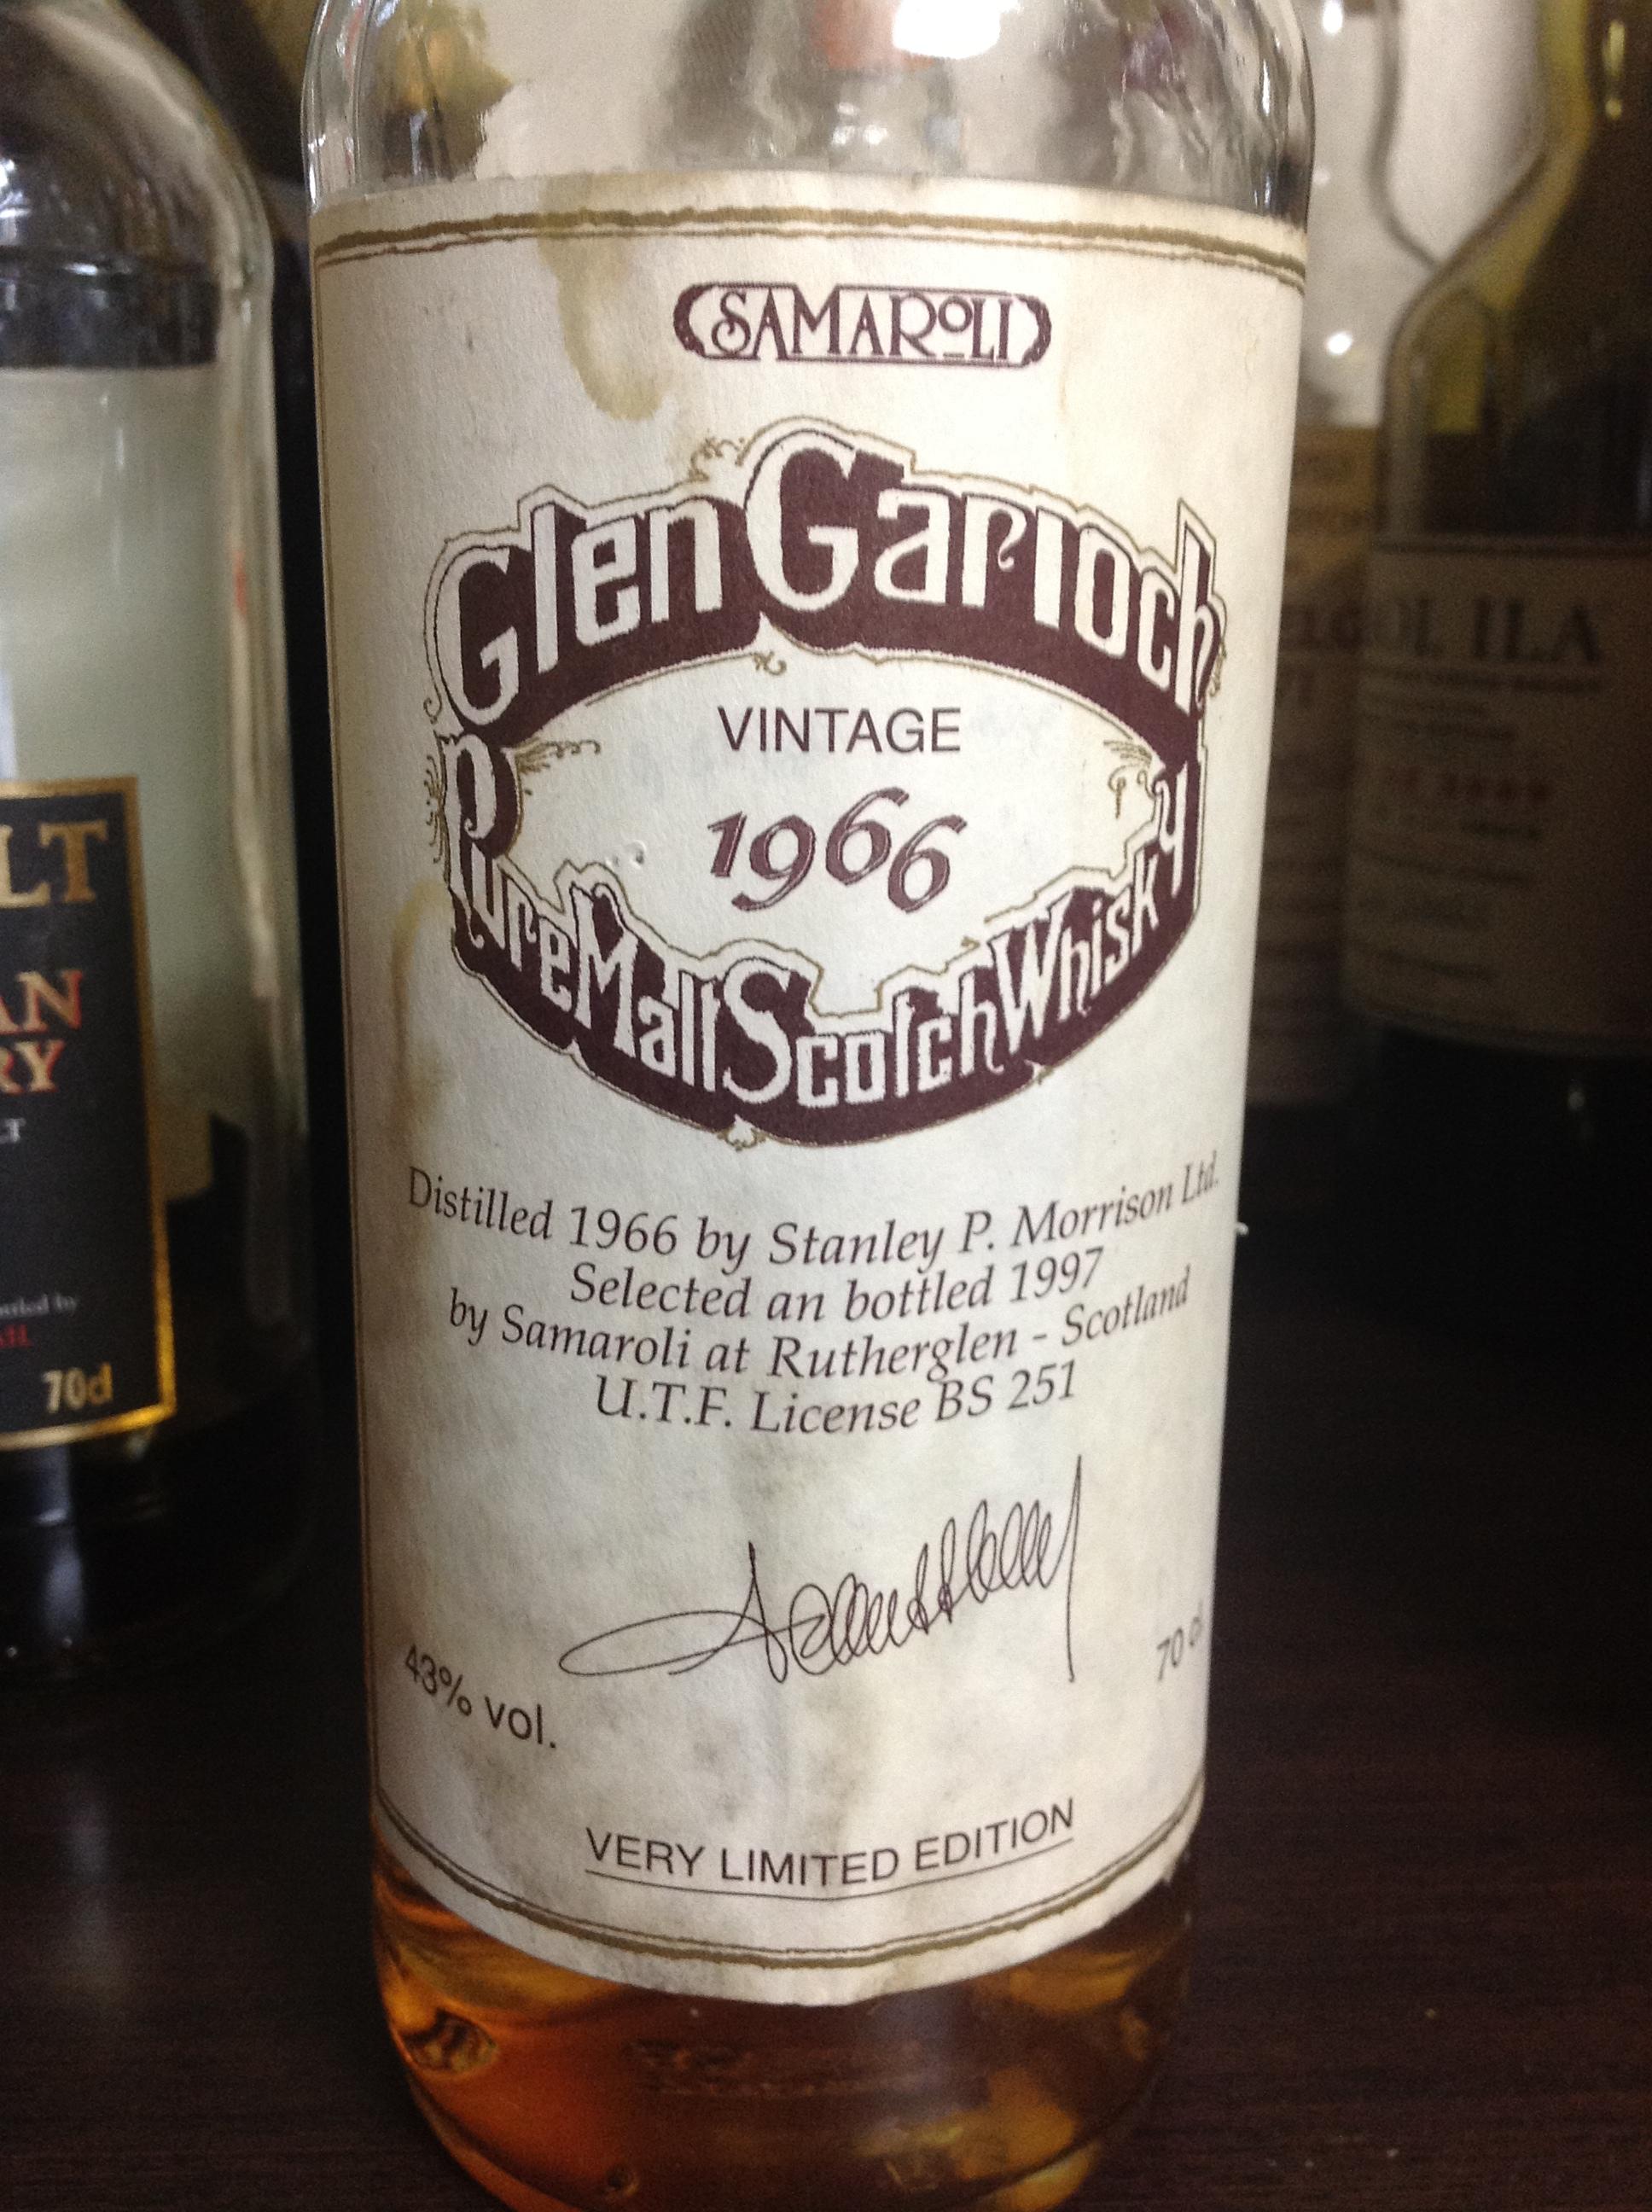 グレンギリー Glen Garioch 1966/1997 (43%, Samaroli, C#1309-1299, 696 Bts.)